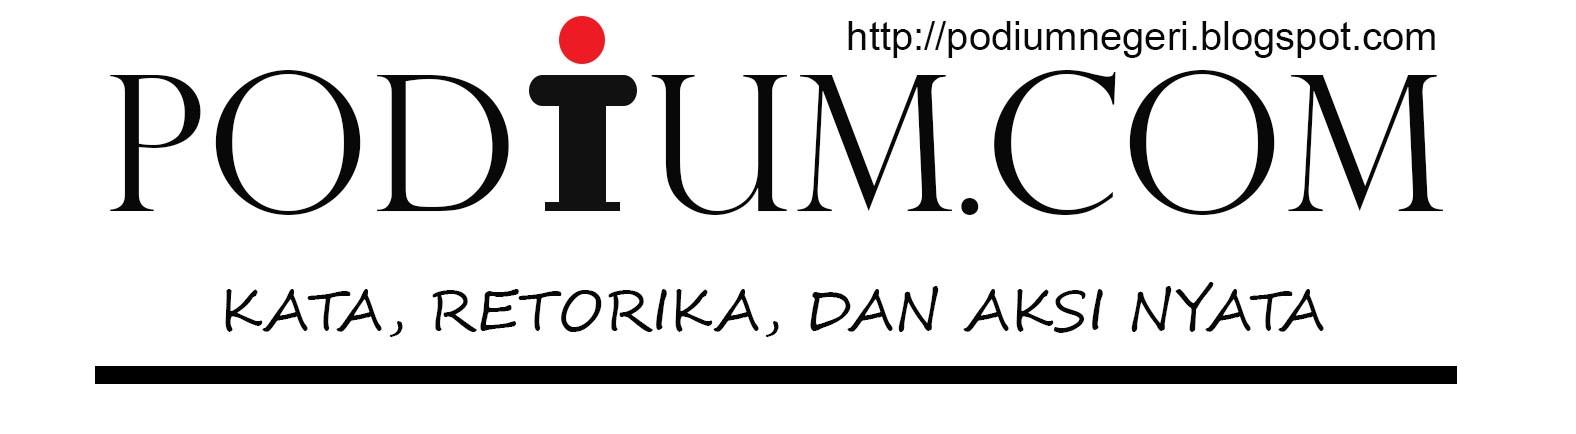 Podium.com